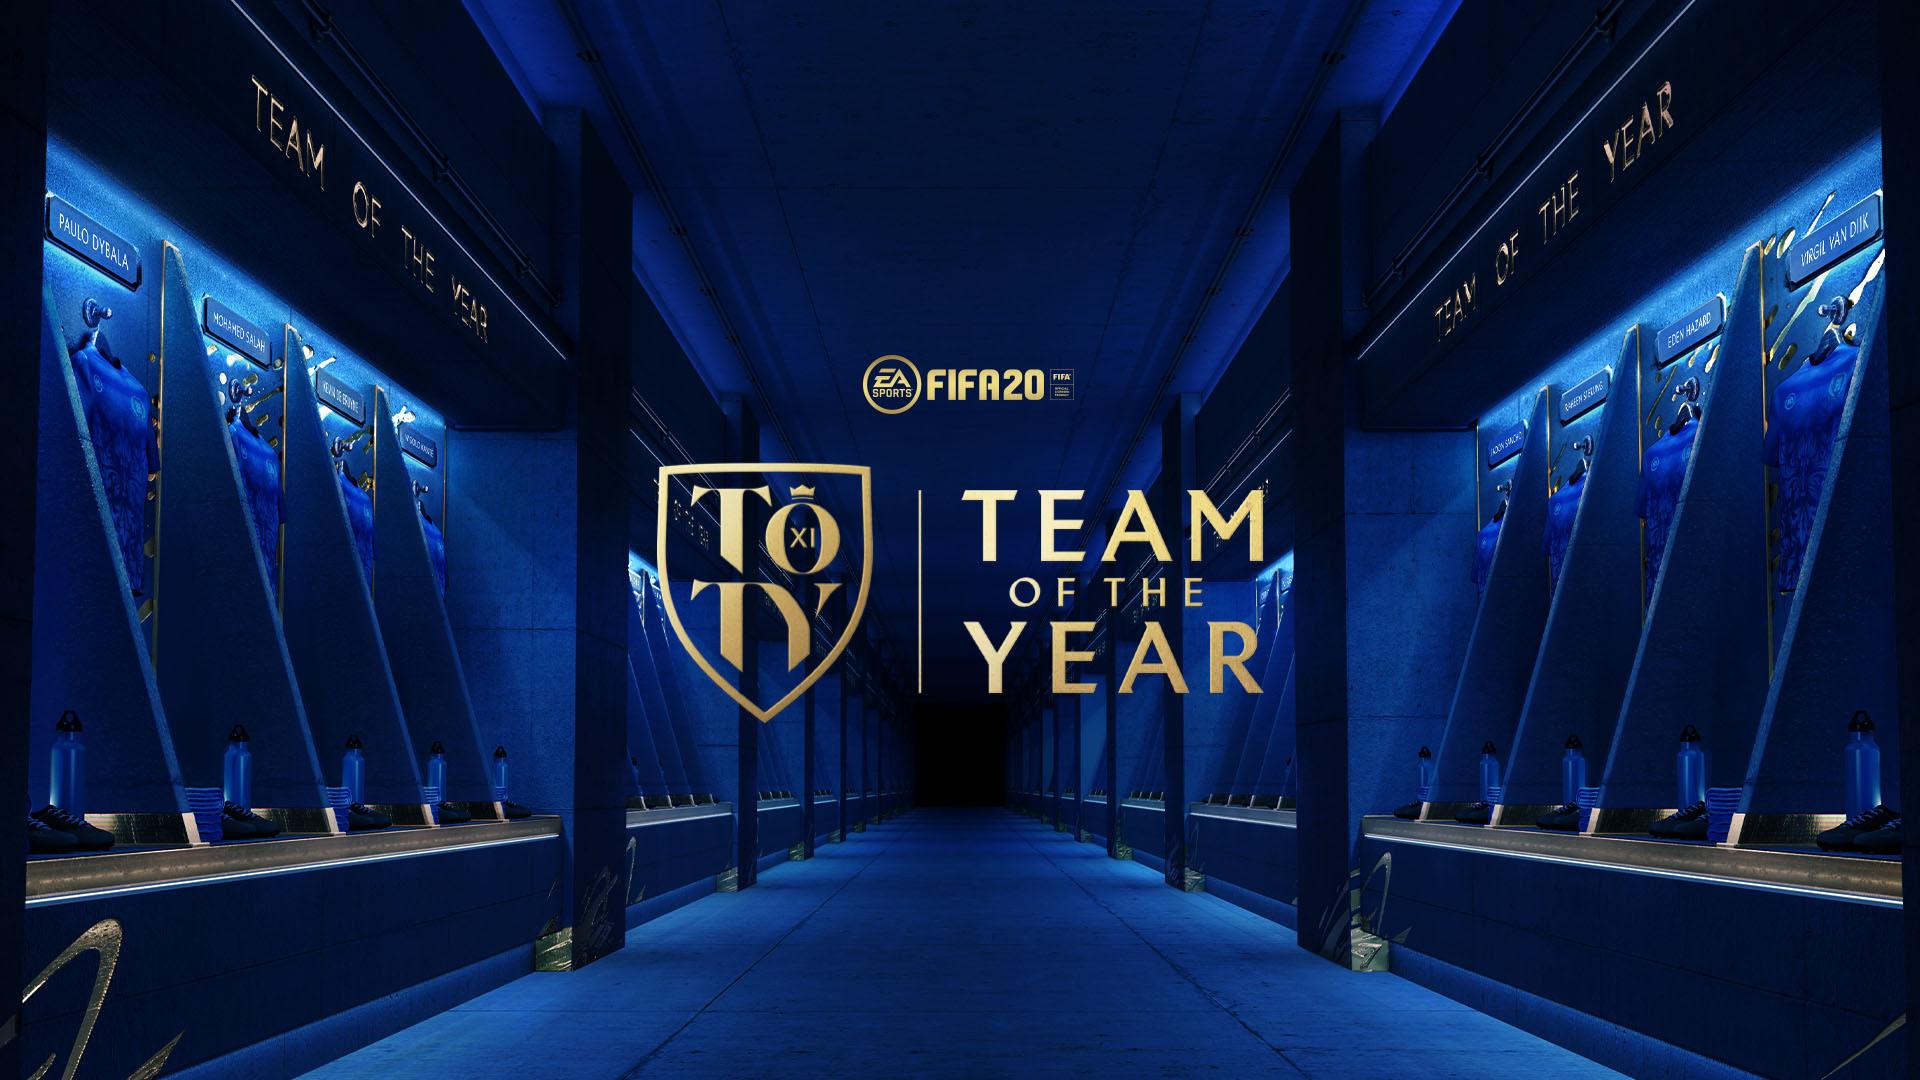 FIFA 20: svelata la squadra dell'anno - ecco la lista completa thumbnail